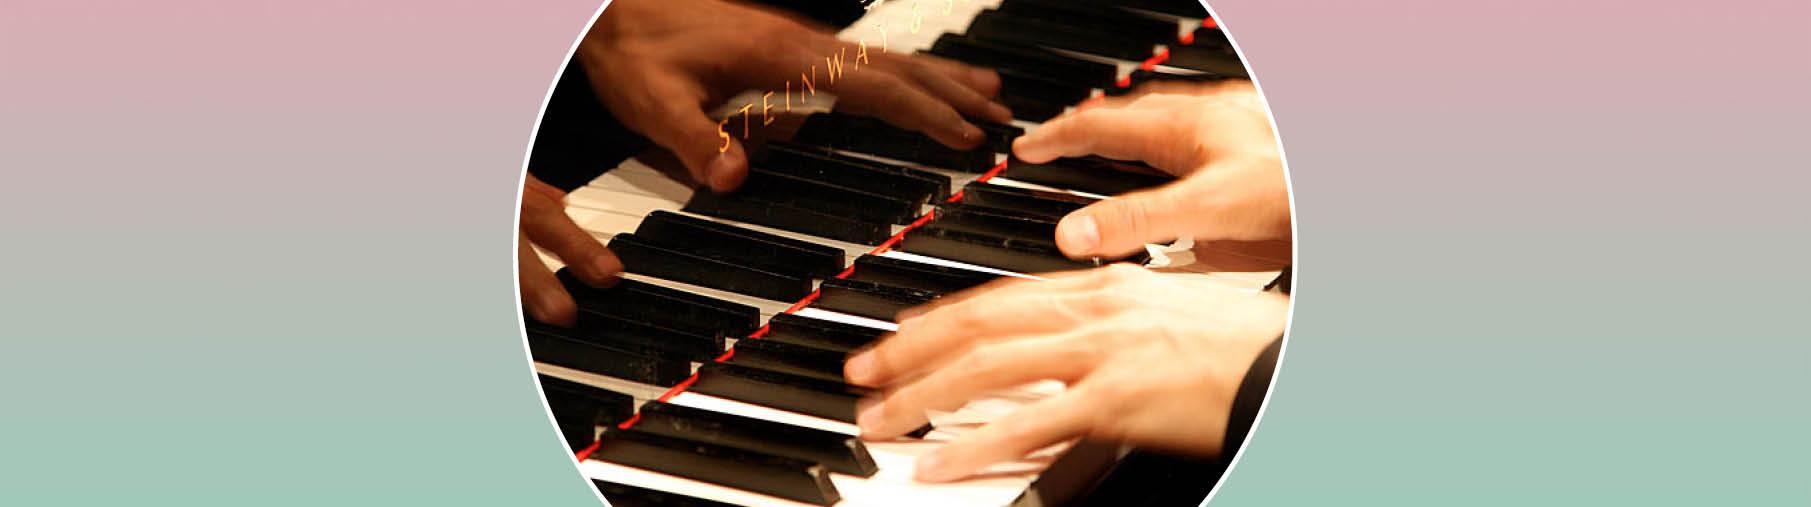 Ingrid Auer Klavierspieler Oktaven Oktave